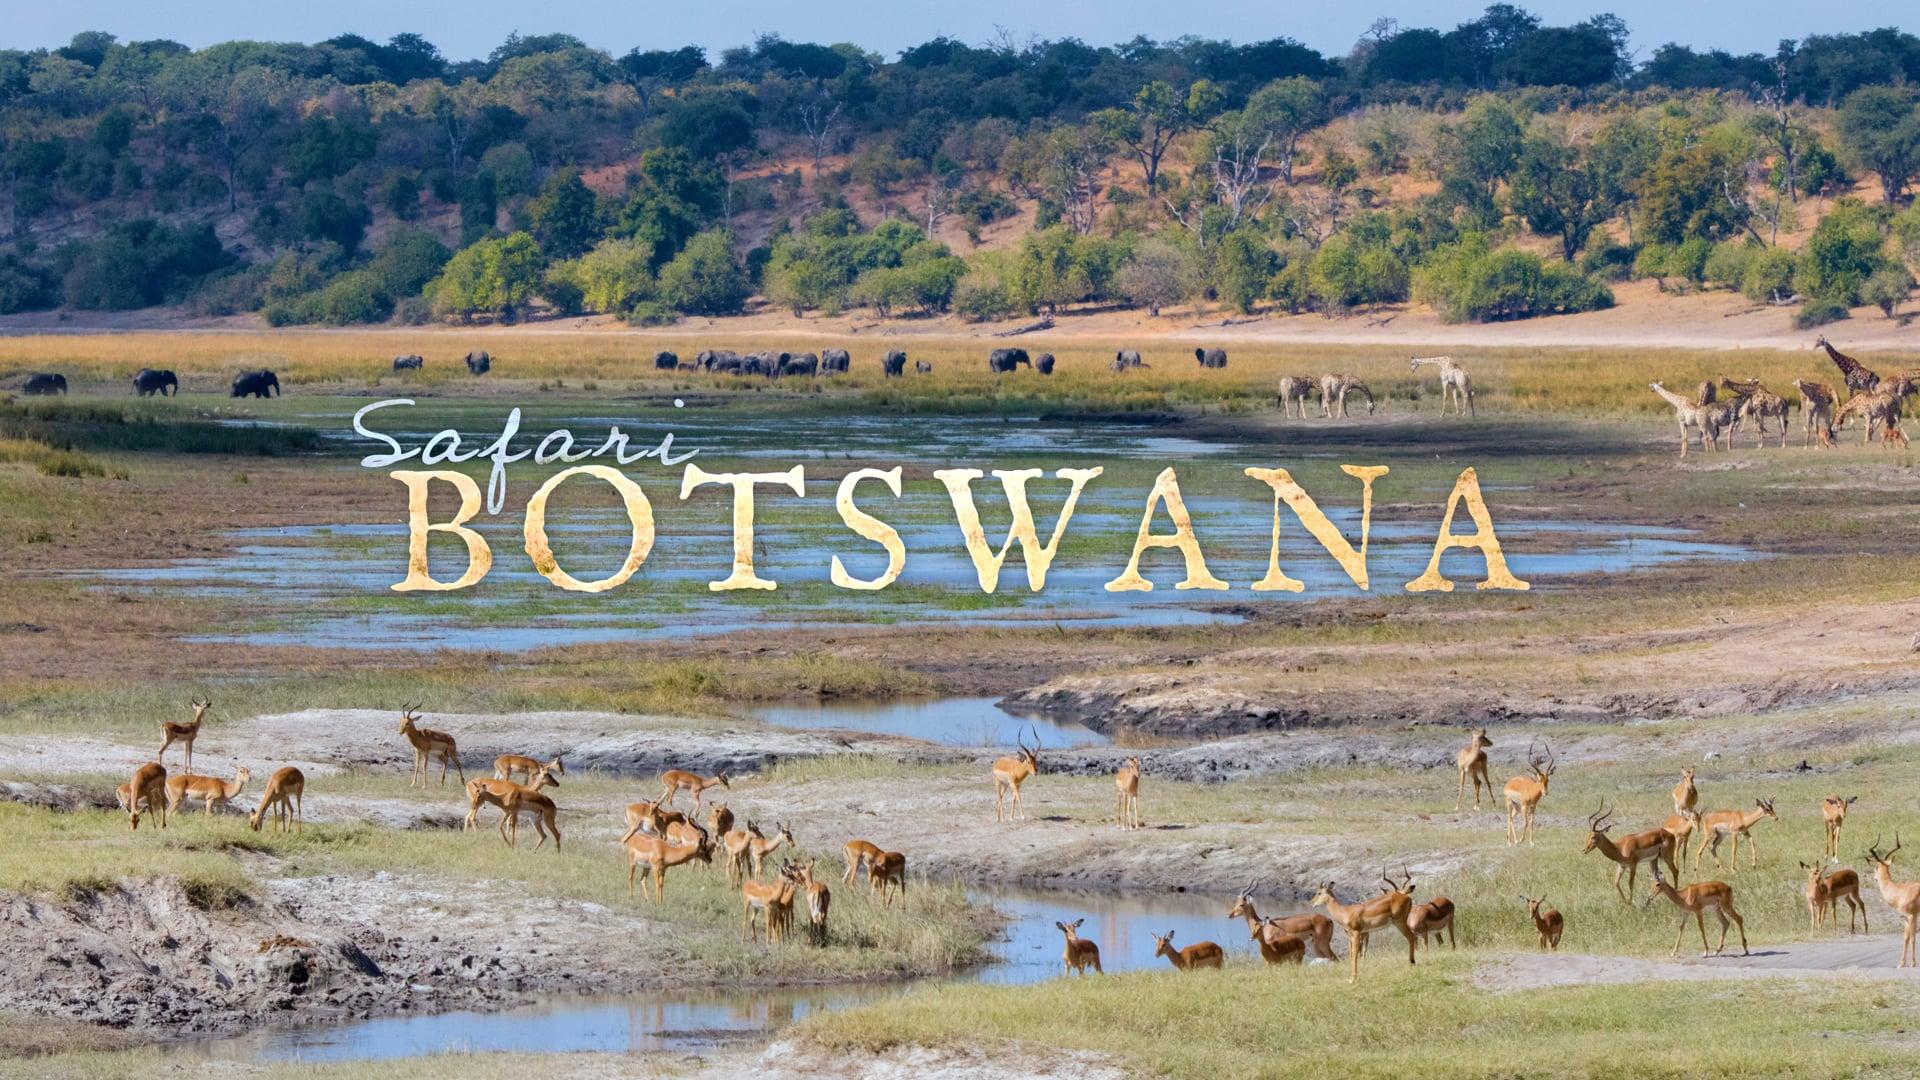 Safari Botswana   Time-Lapse Flow Motion - 4K